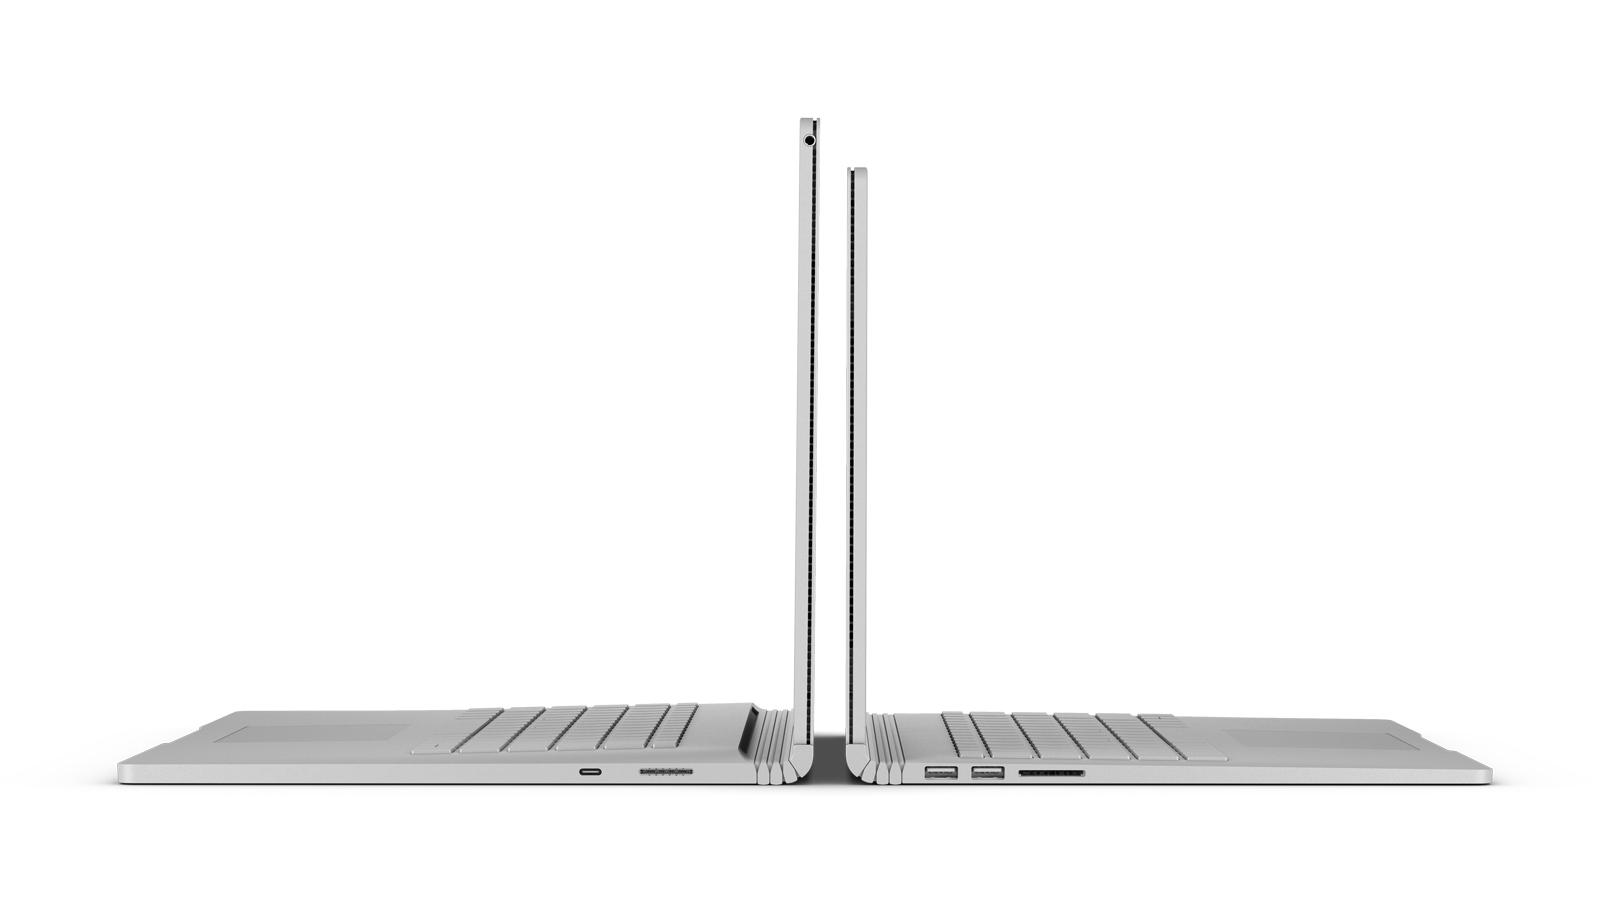 Dos dispositivos SurfaceBook2, uno de 15 pulgadas y otro de 13,5, uno al lado del otro.